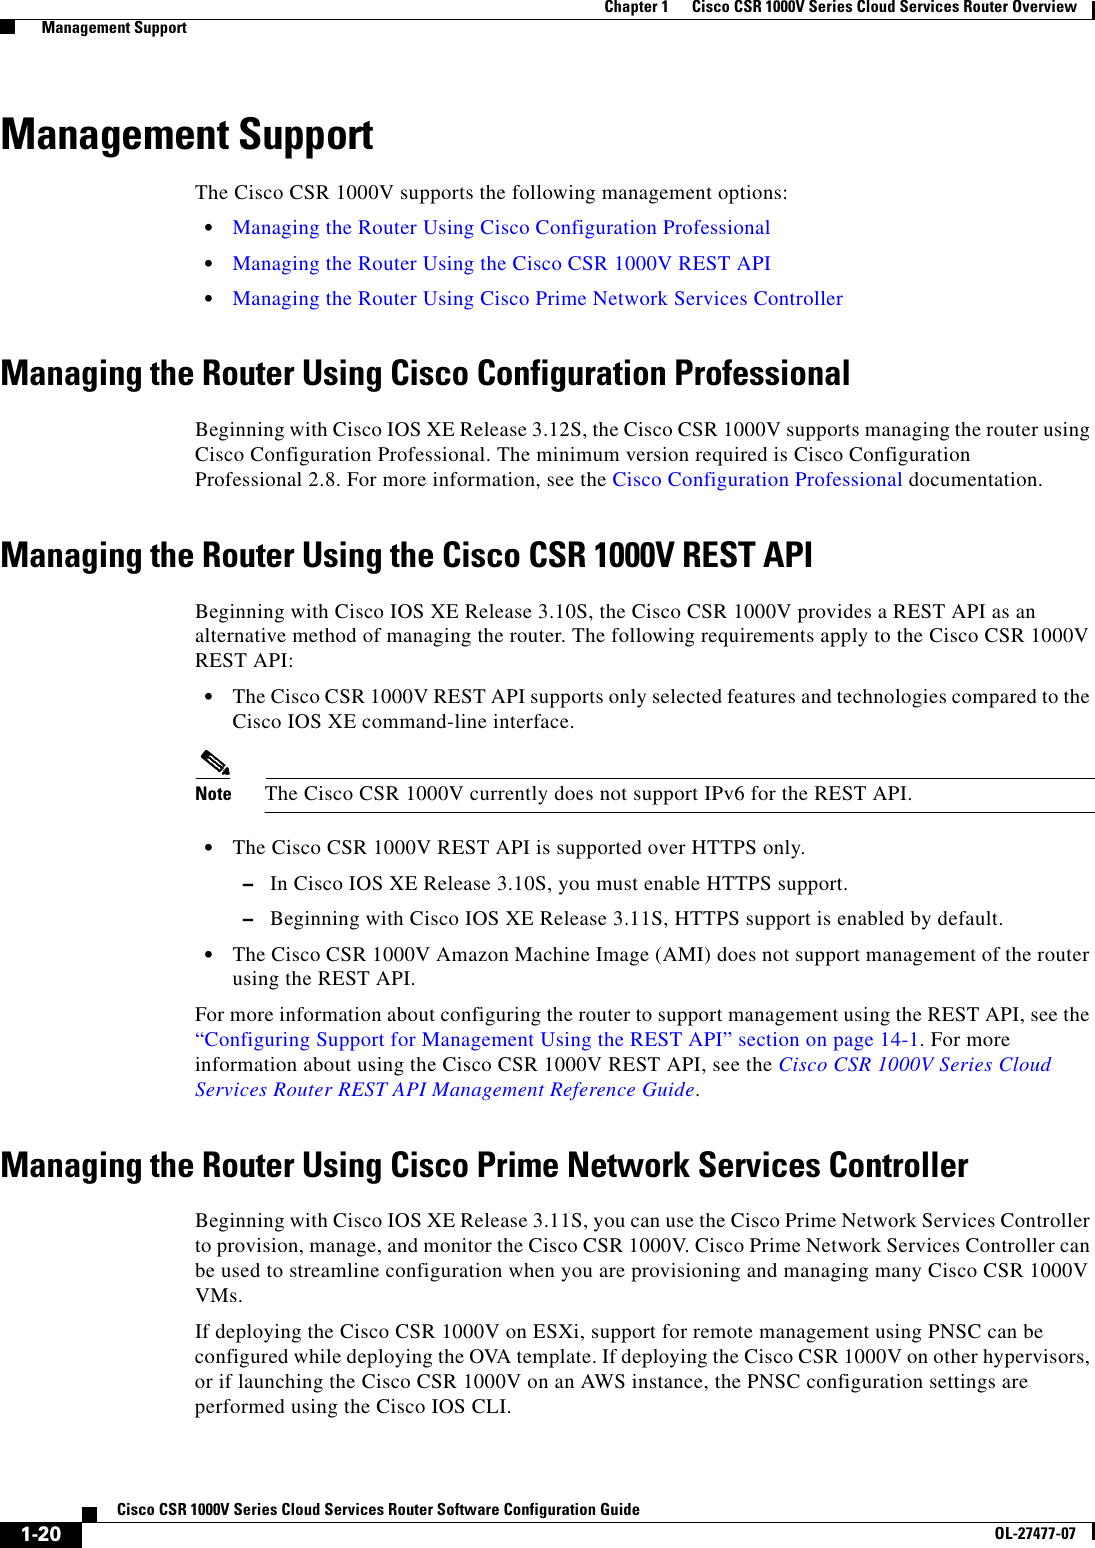 Cisco Csr Ipv6